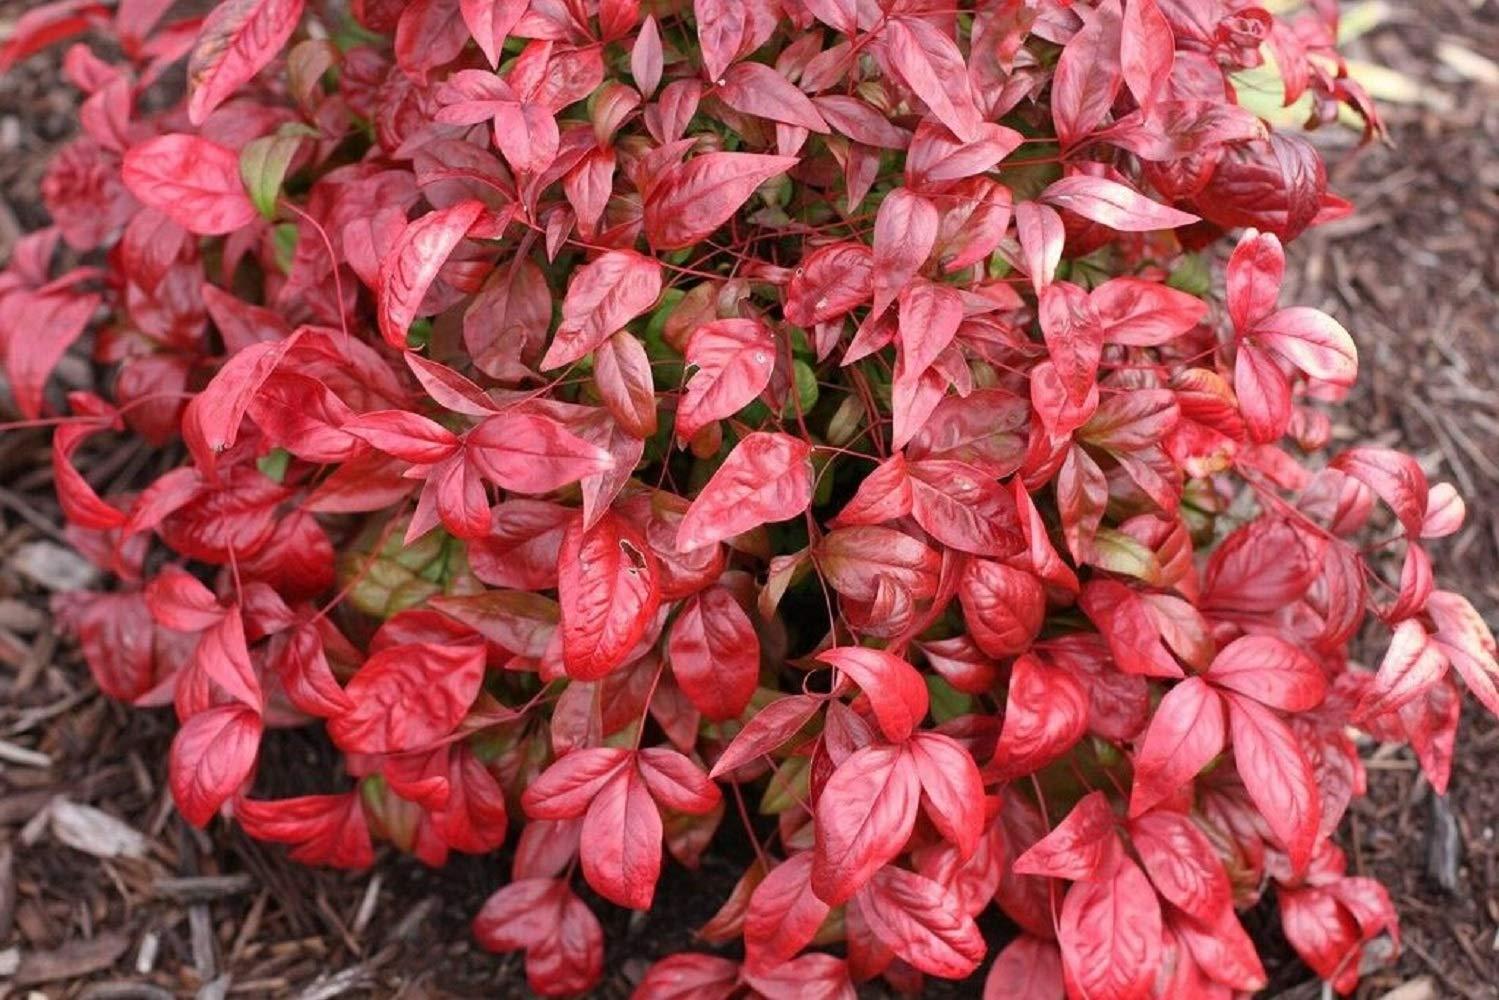 10 Plants Dwarf Nandina Firepower N1 by owzoneplant (Image #5)